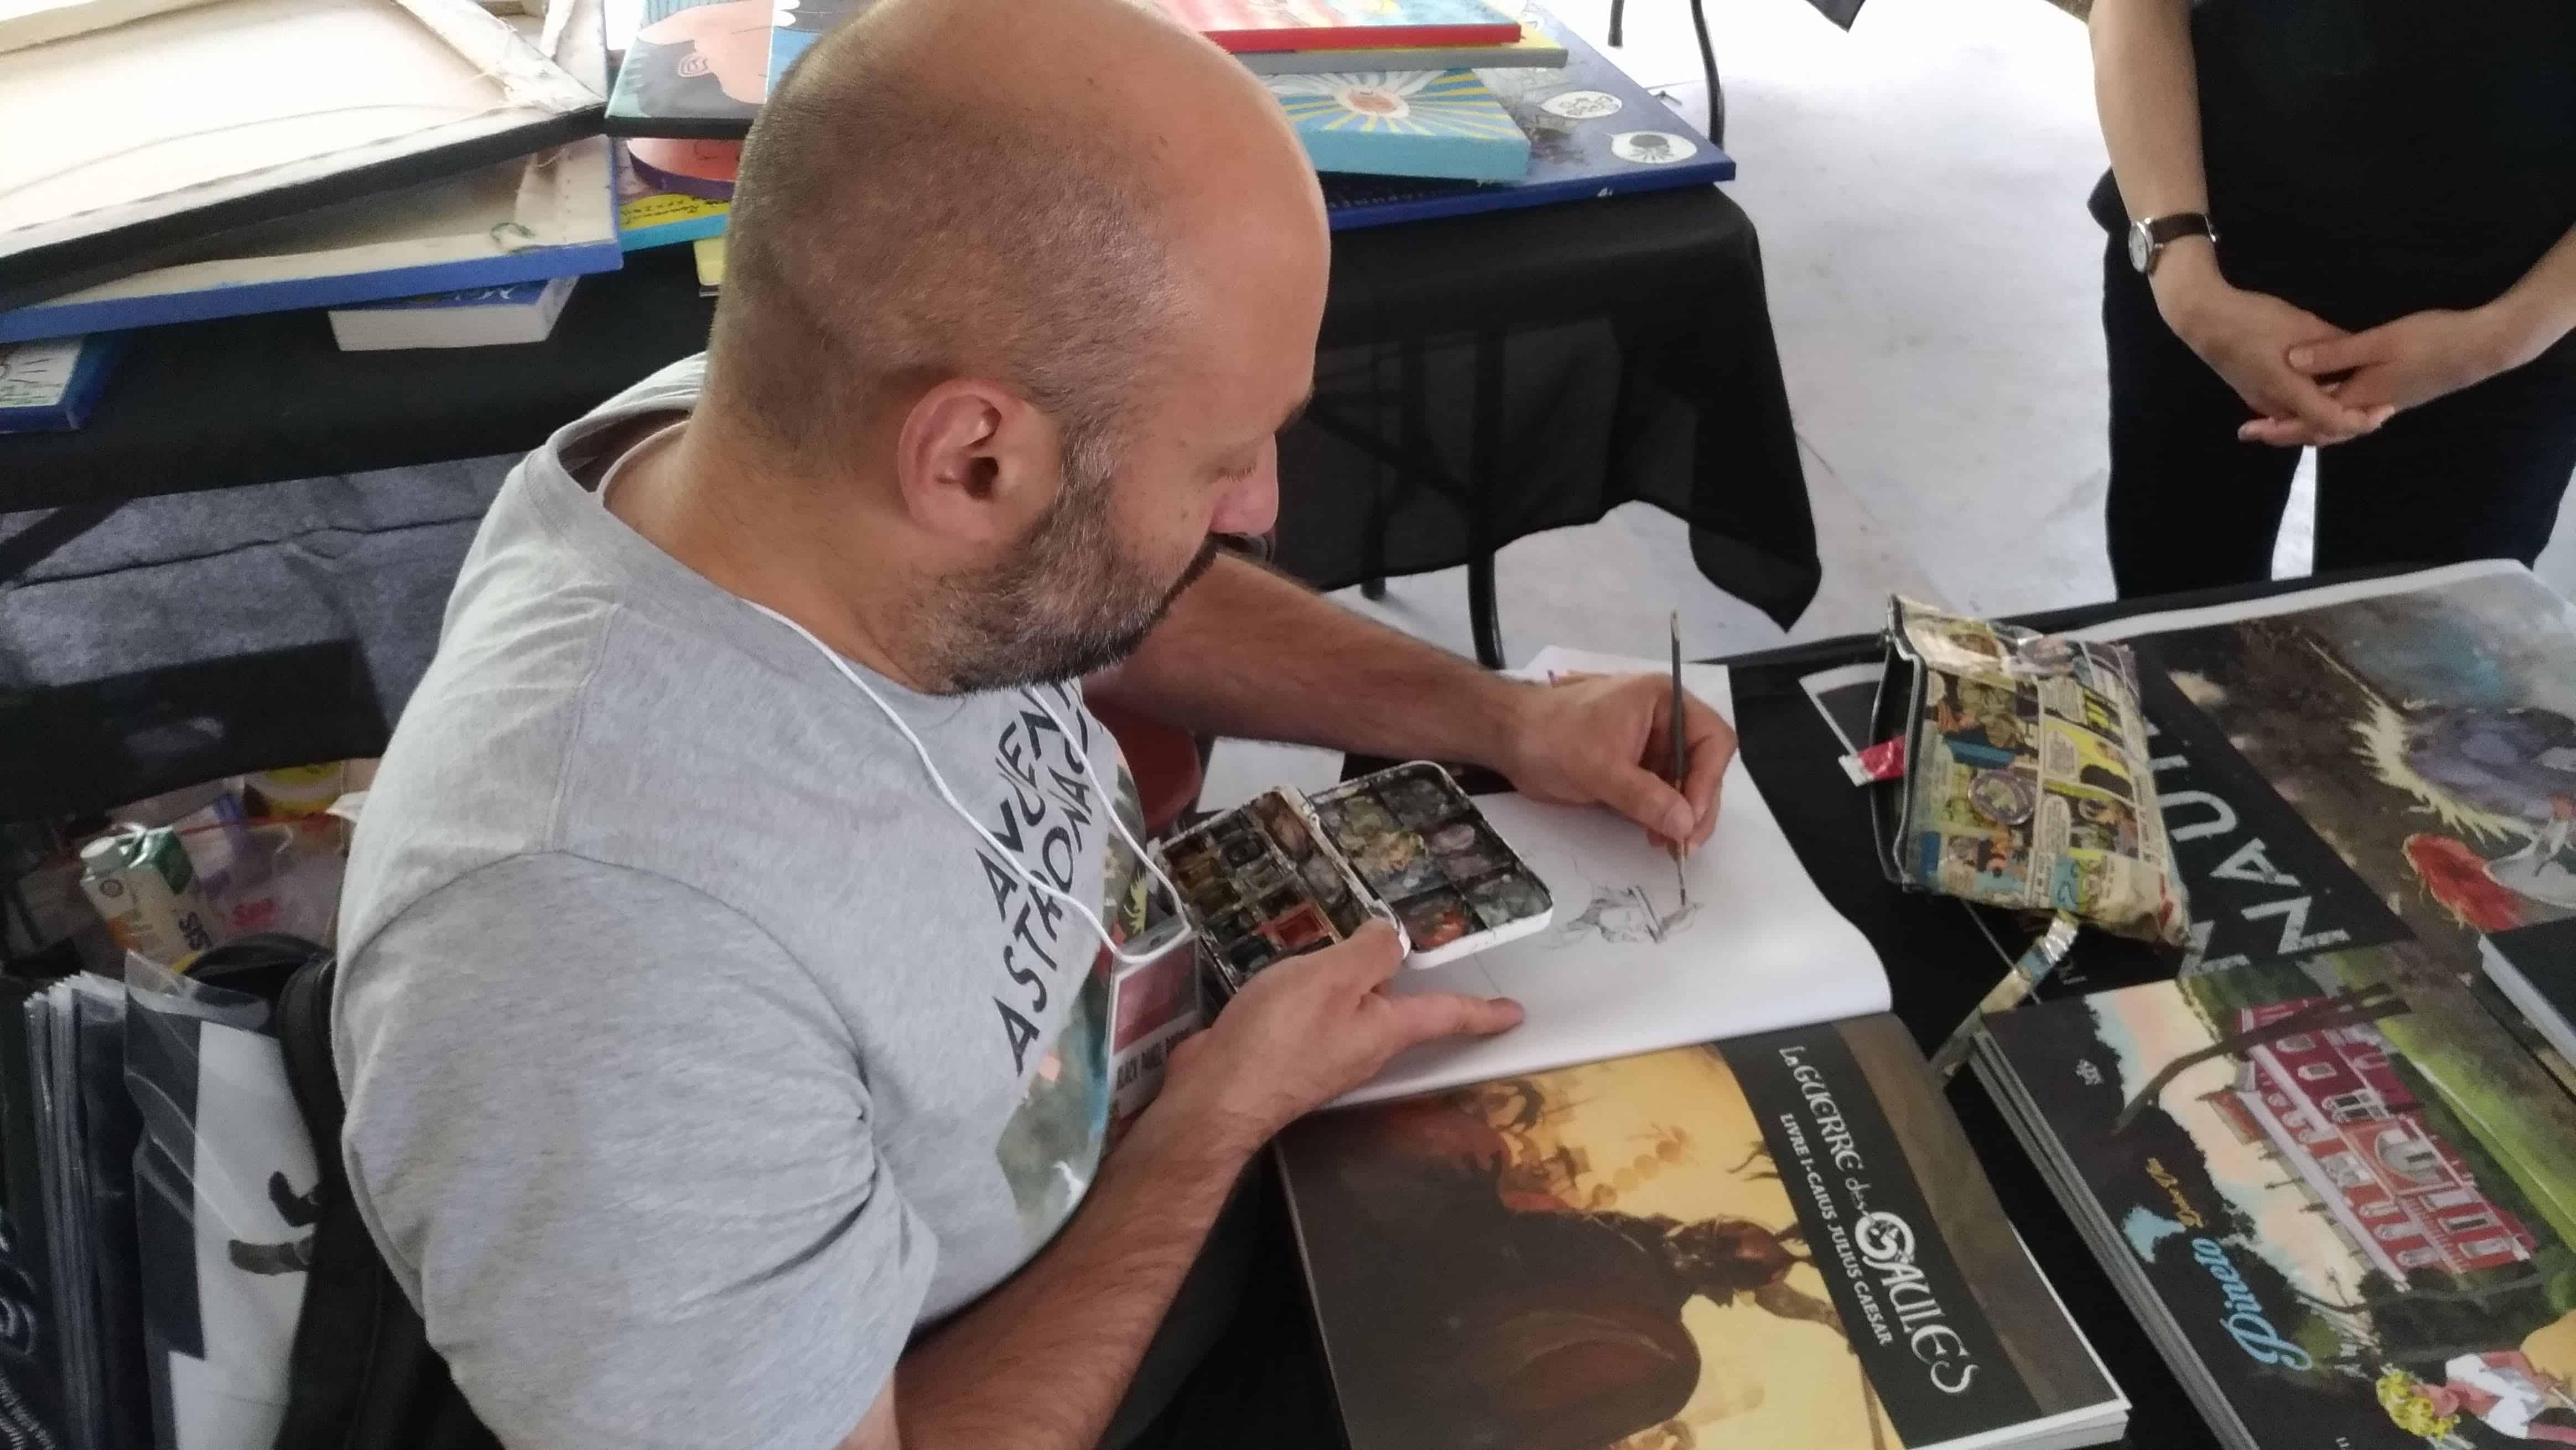 Vincent Pompetti Montreal Comic Arts Festival